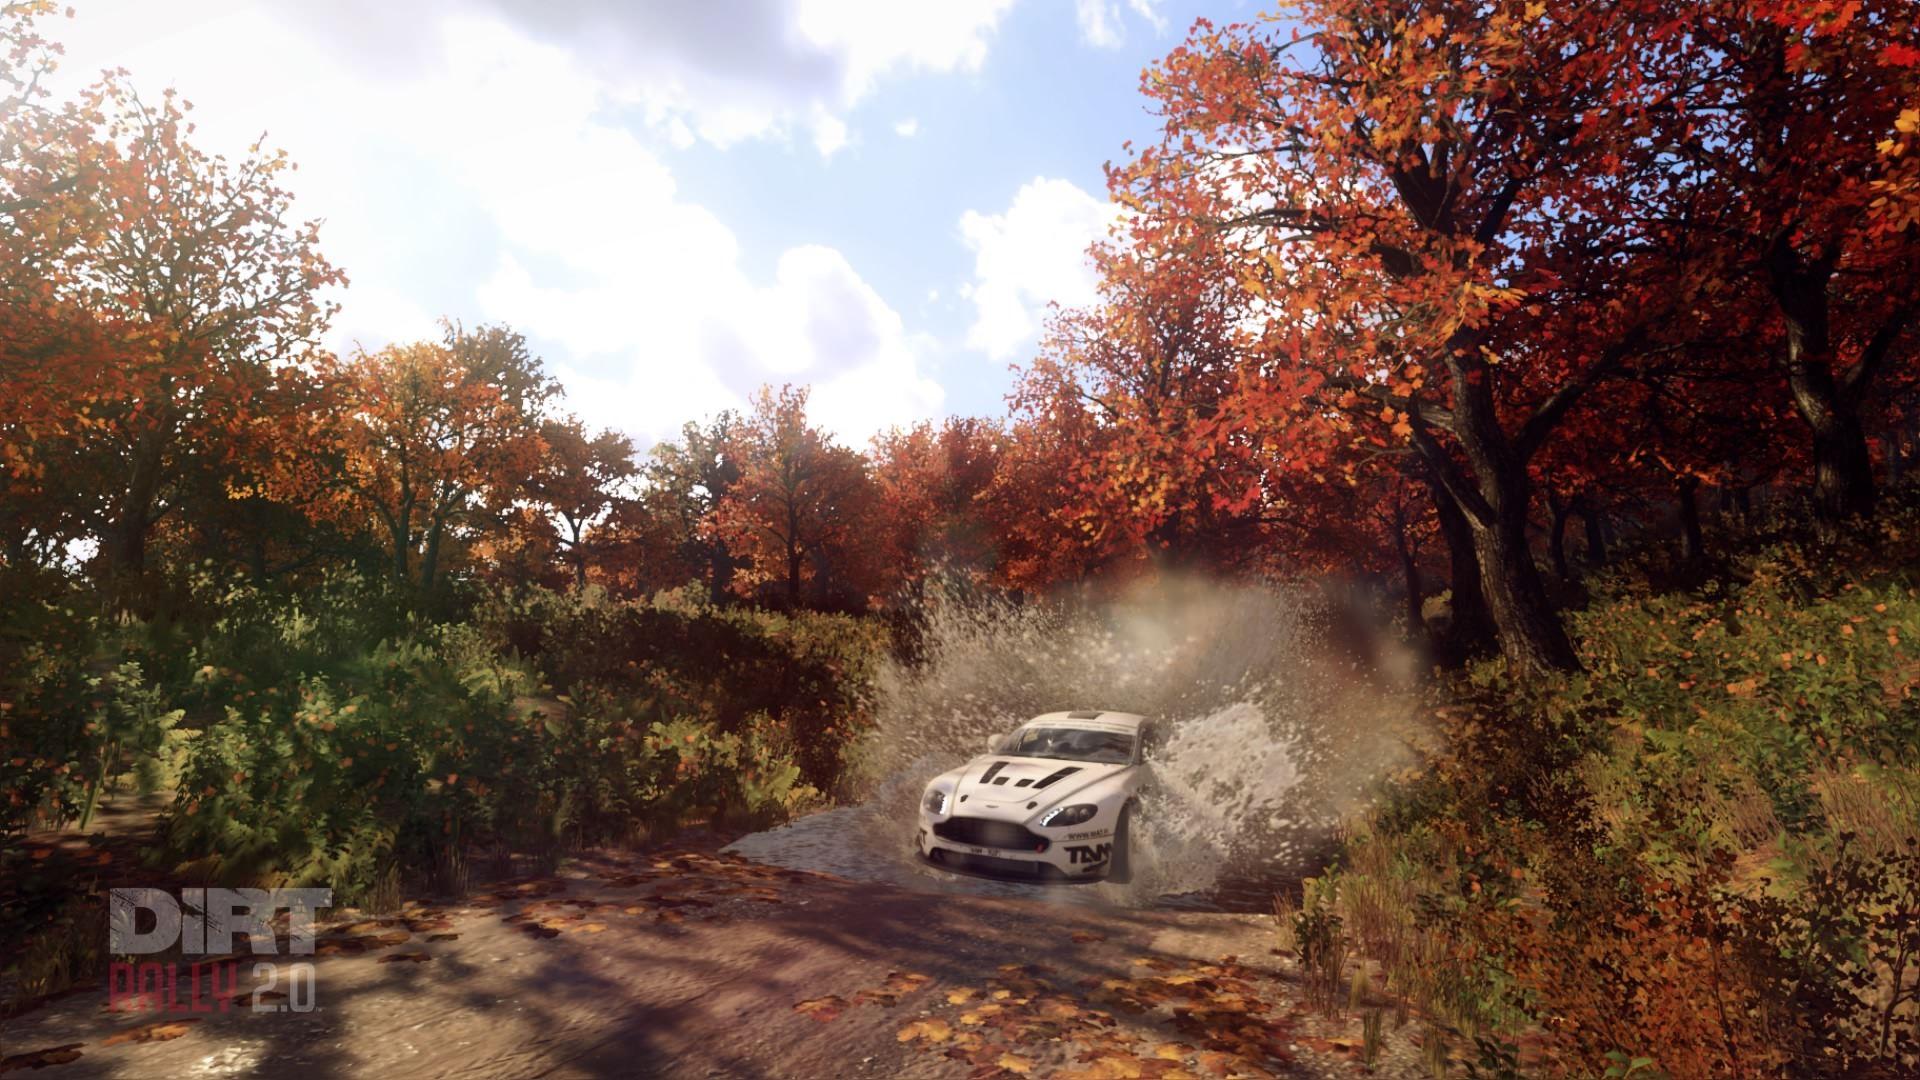 dirt rally 2.0 season 2 uscita